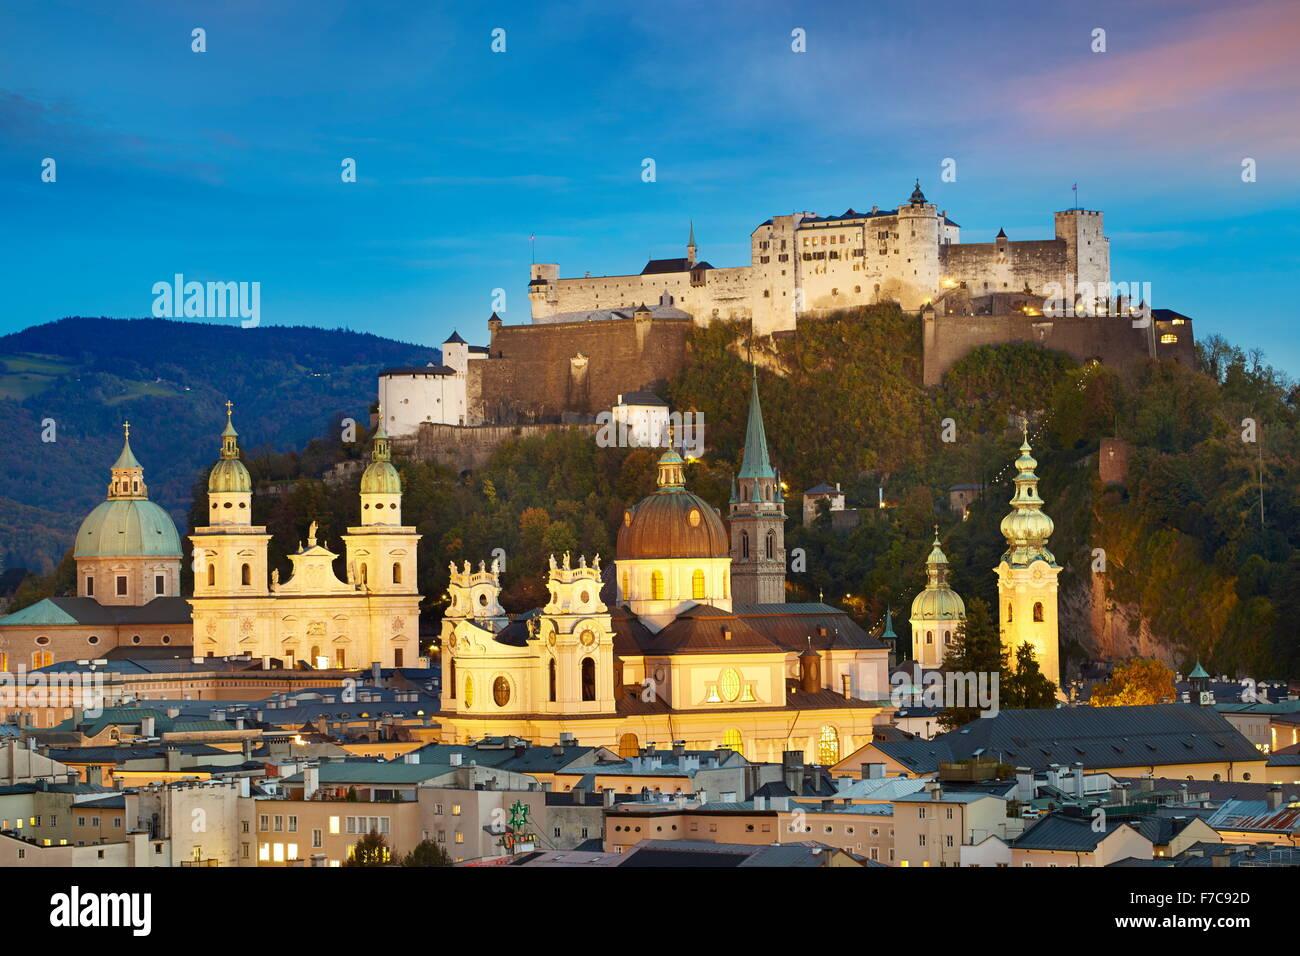 Vue aérienne de la vieille ville de Salzbourg, château visible en arrière-plan, Autriche Photo Stock